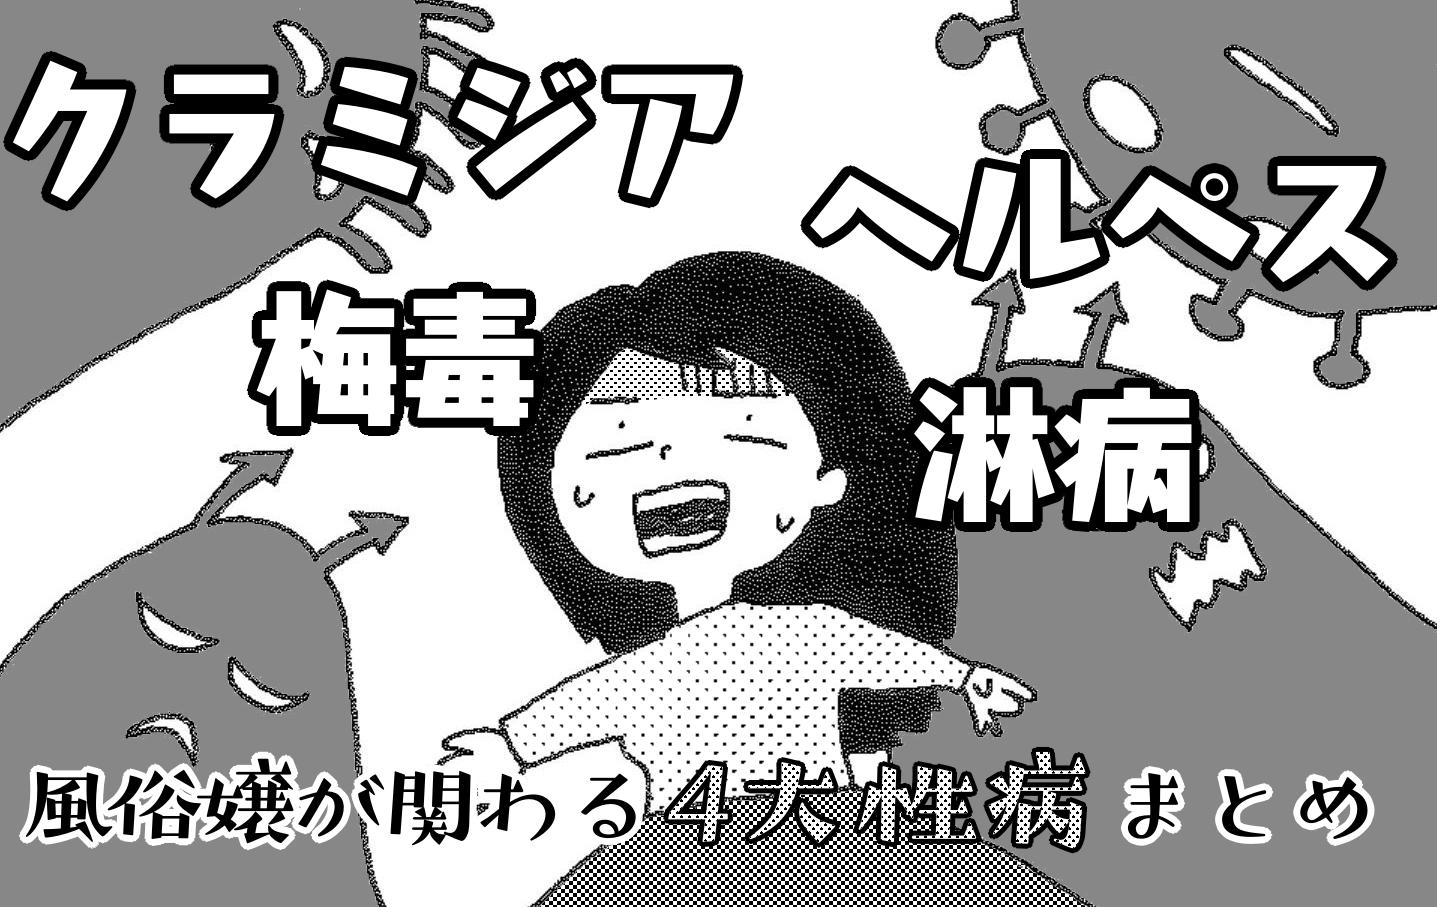 風俗嬢が関わる4性病まとめ【クラミジア、ヘルペス、梅毒、淋病】